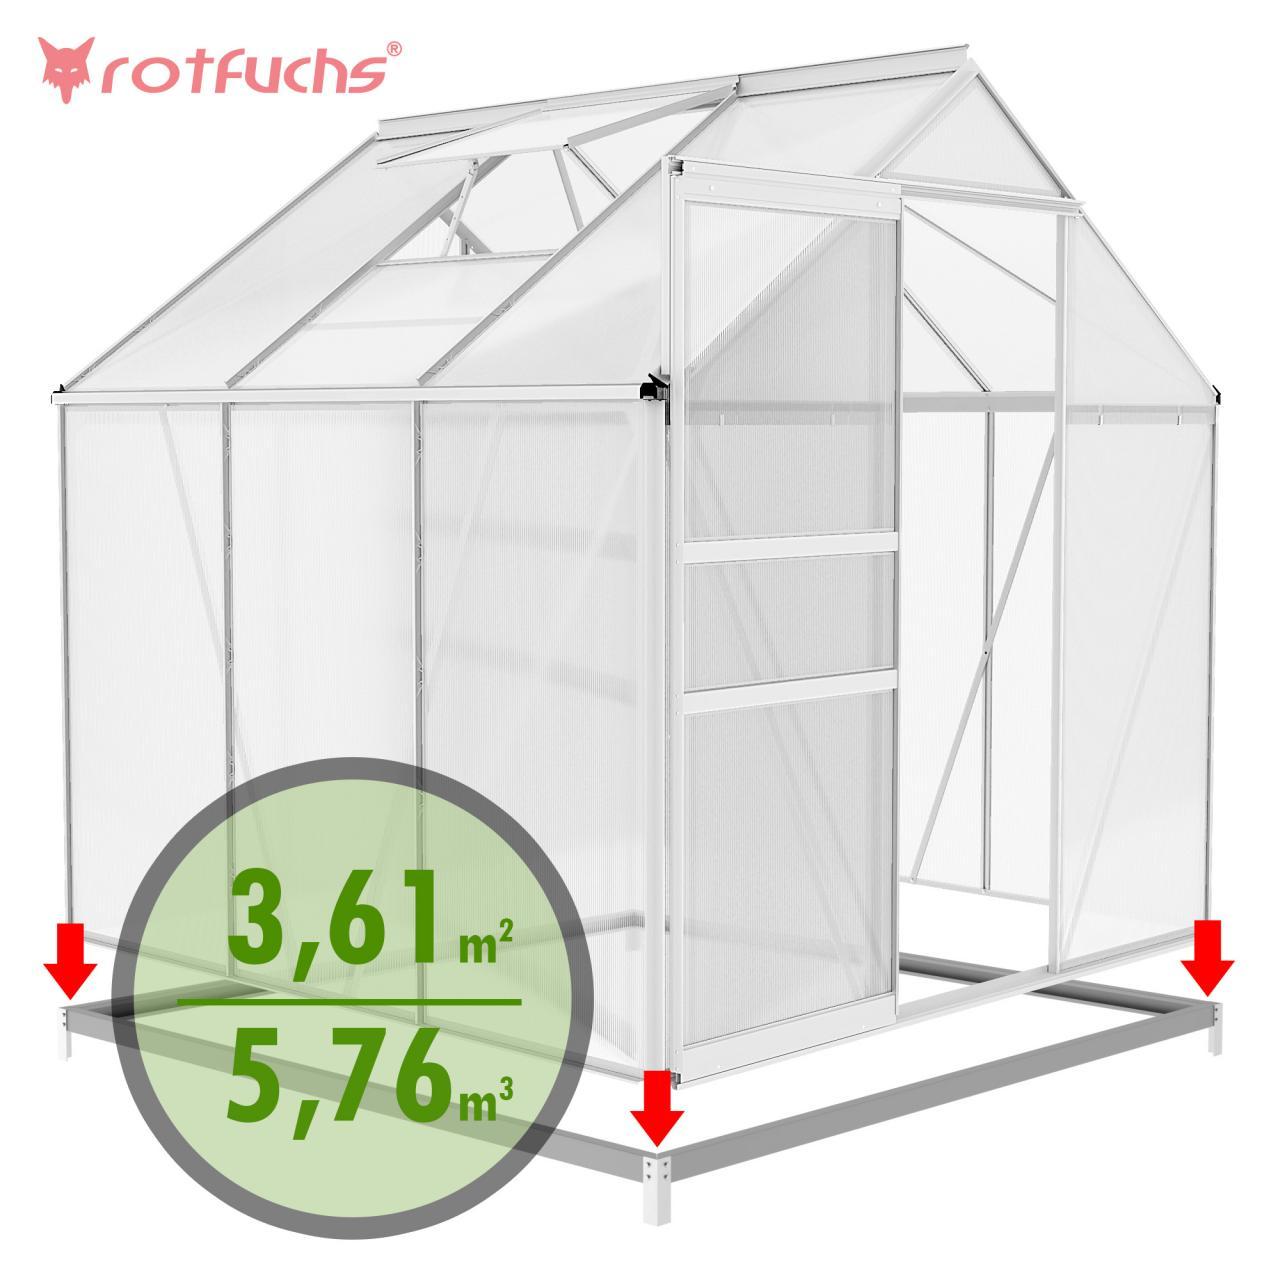 rotfuchs alu gew chshaus mit fundament treibhaus fr hbeet garten tomatenhaus ebay. Black Bedroom Furniture Sets. Home Design Ideas